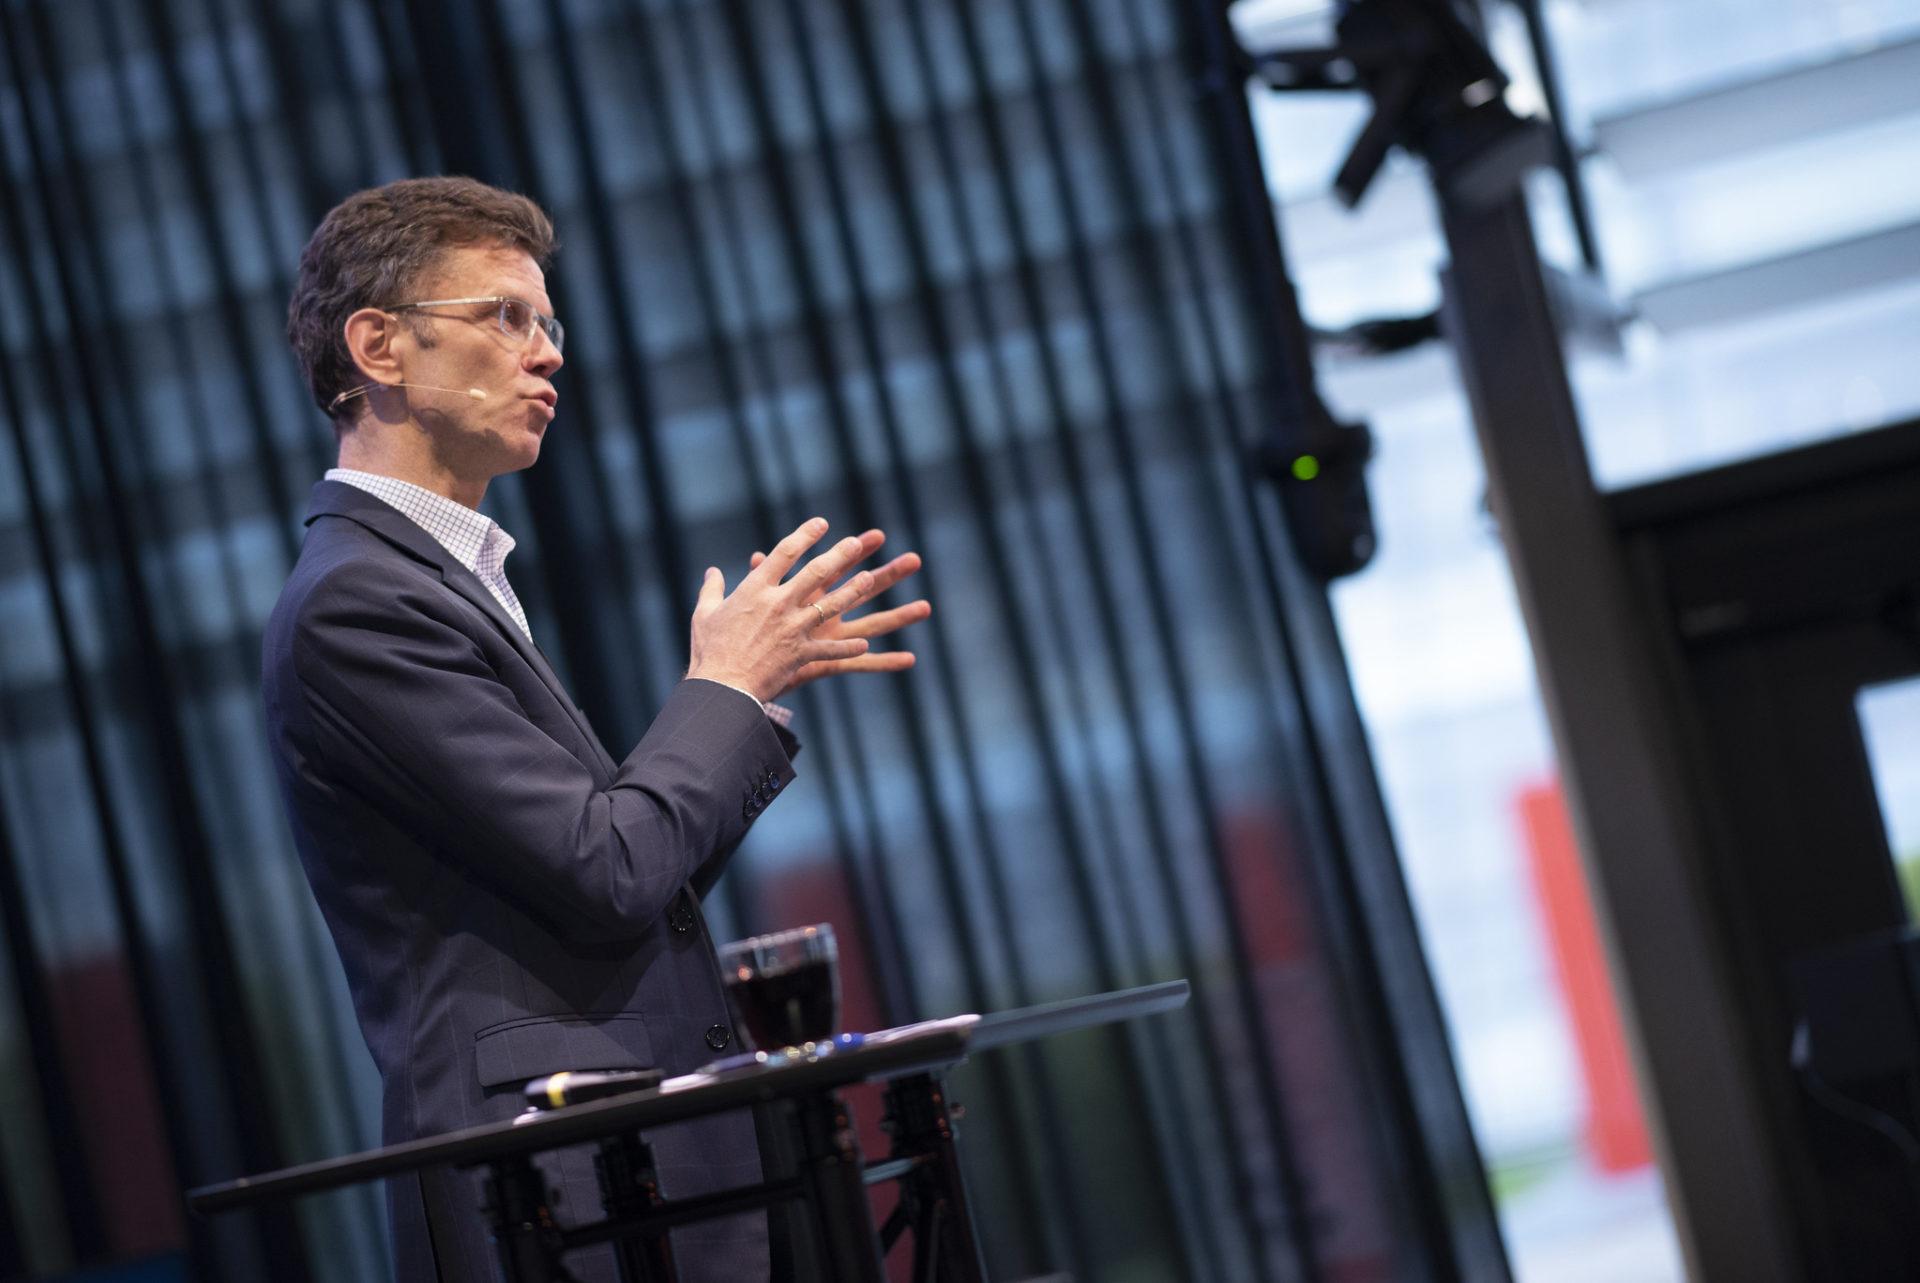 KLOKKERTRO: Adm. direktør Peter-Børre Furberg i Telenor har klokkertro på IoT. Foto: Martin Philip Fjellanger, Telenor